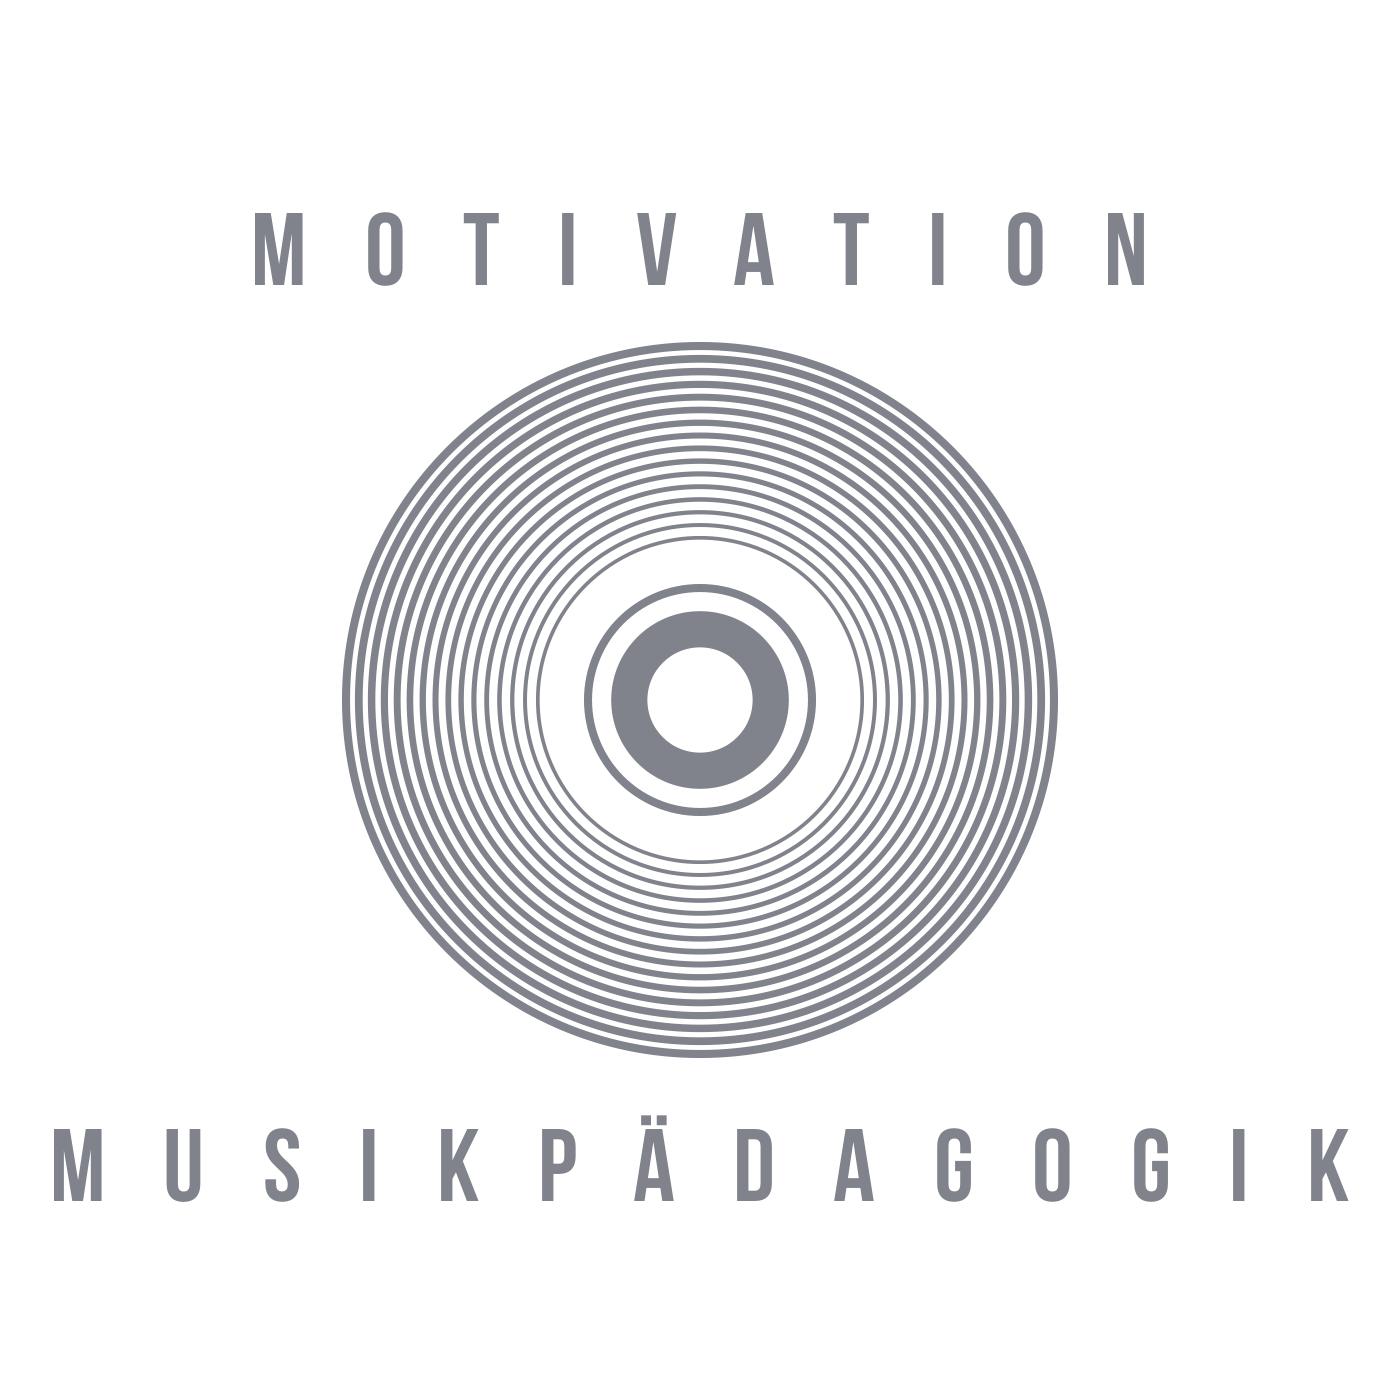 #10 Hochwertige Musikpädagogik, Frederik die Feldmaus & alles rund um unseren Musikpädagogik-Blog